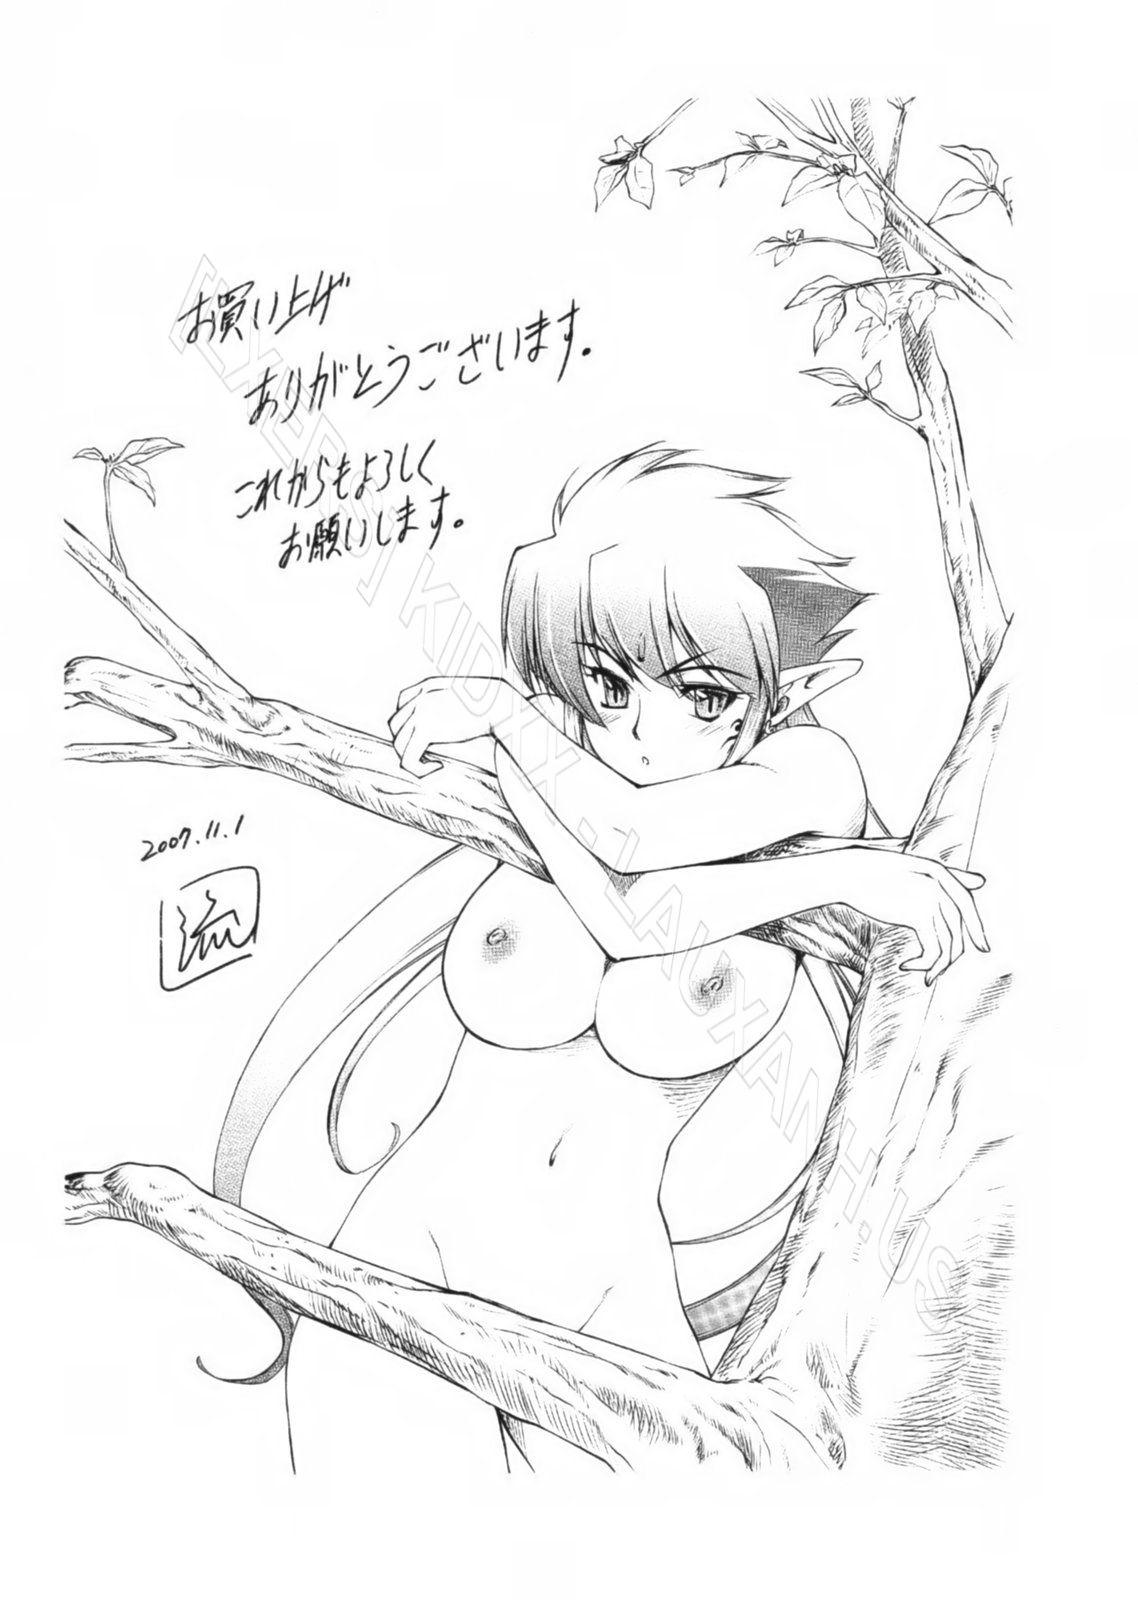 Hình ảnh Hinh_031 in Truyện tranh hentai không che: Parabellum